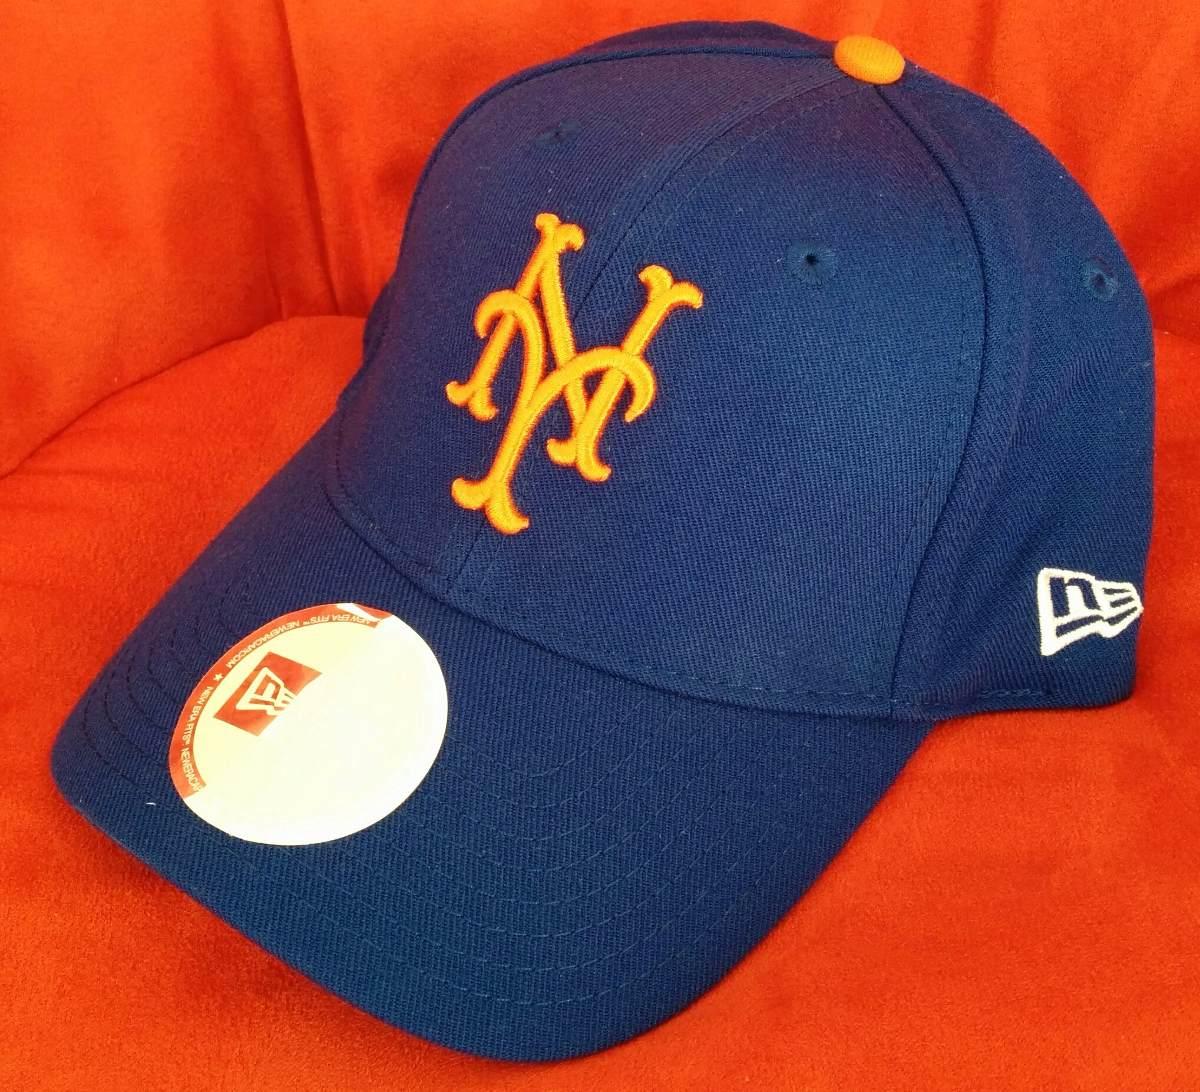 Gorra New Era New York Mets -   600.00 en Mercado Libre c525af6a3a7